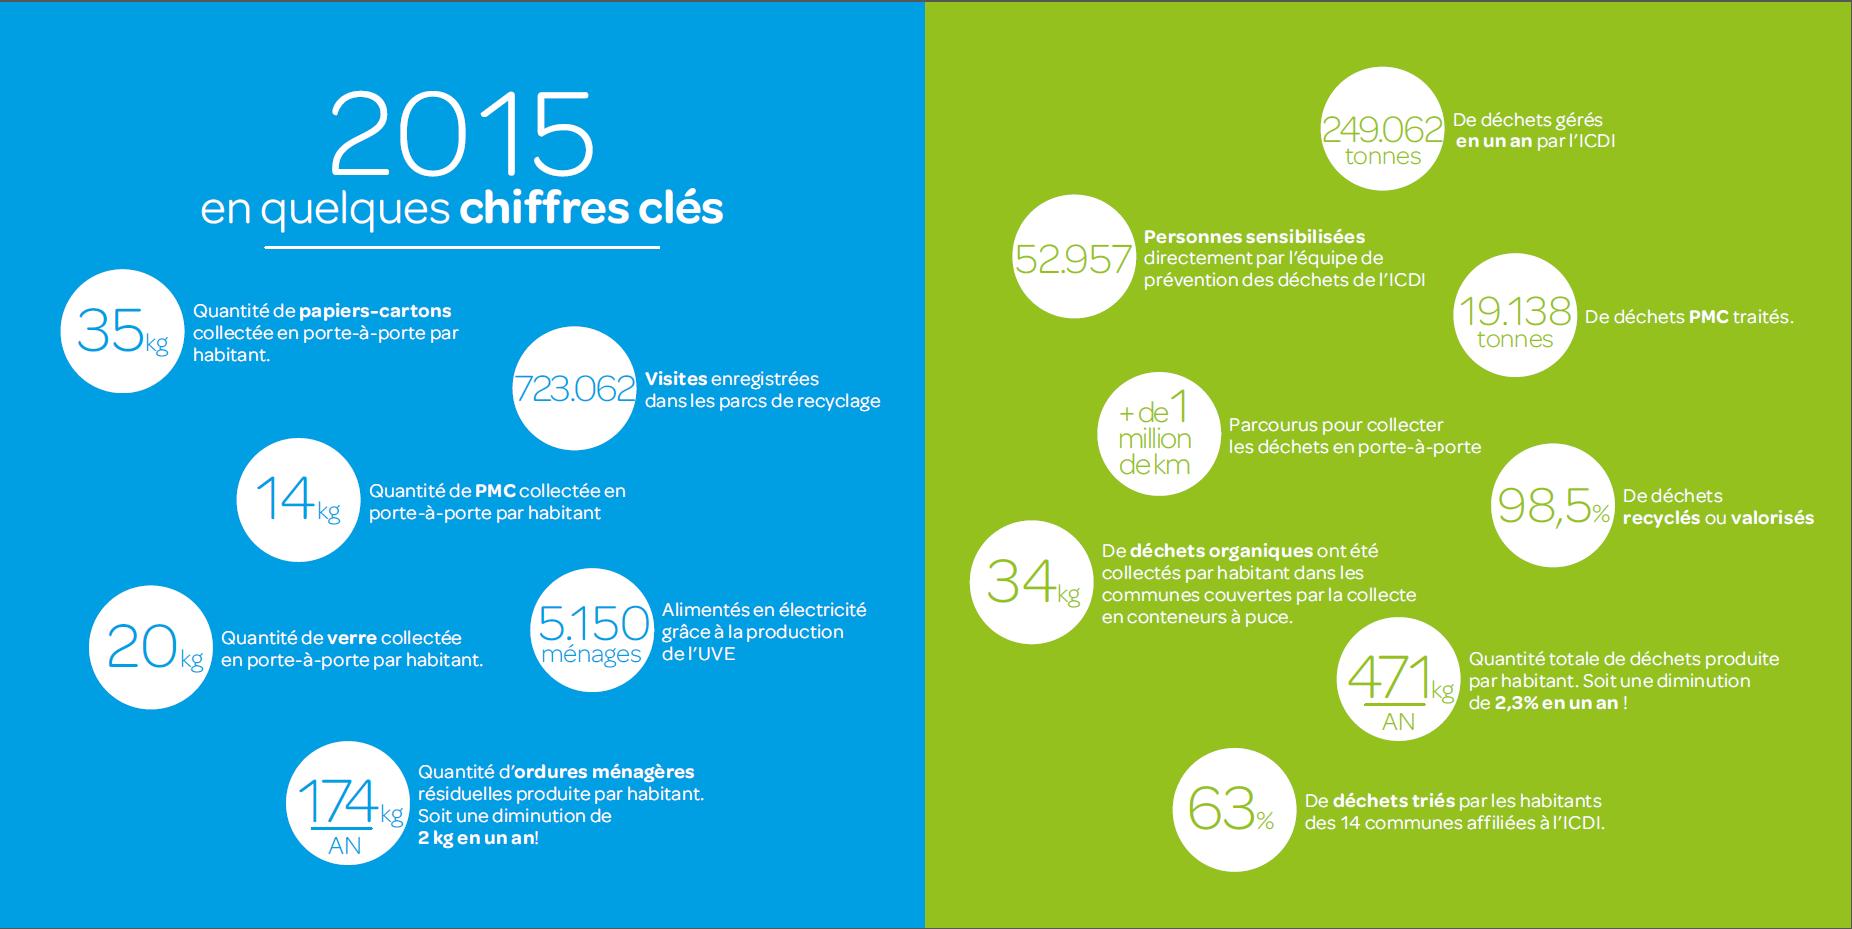 Les chiffres clés de l'ICDI en 2015 !